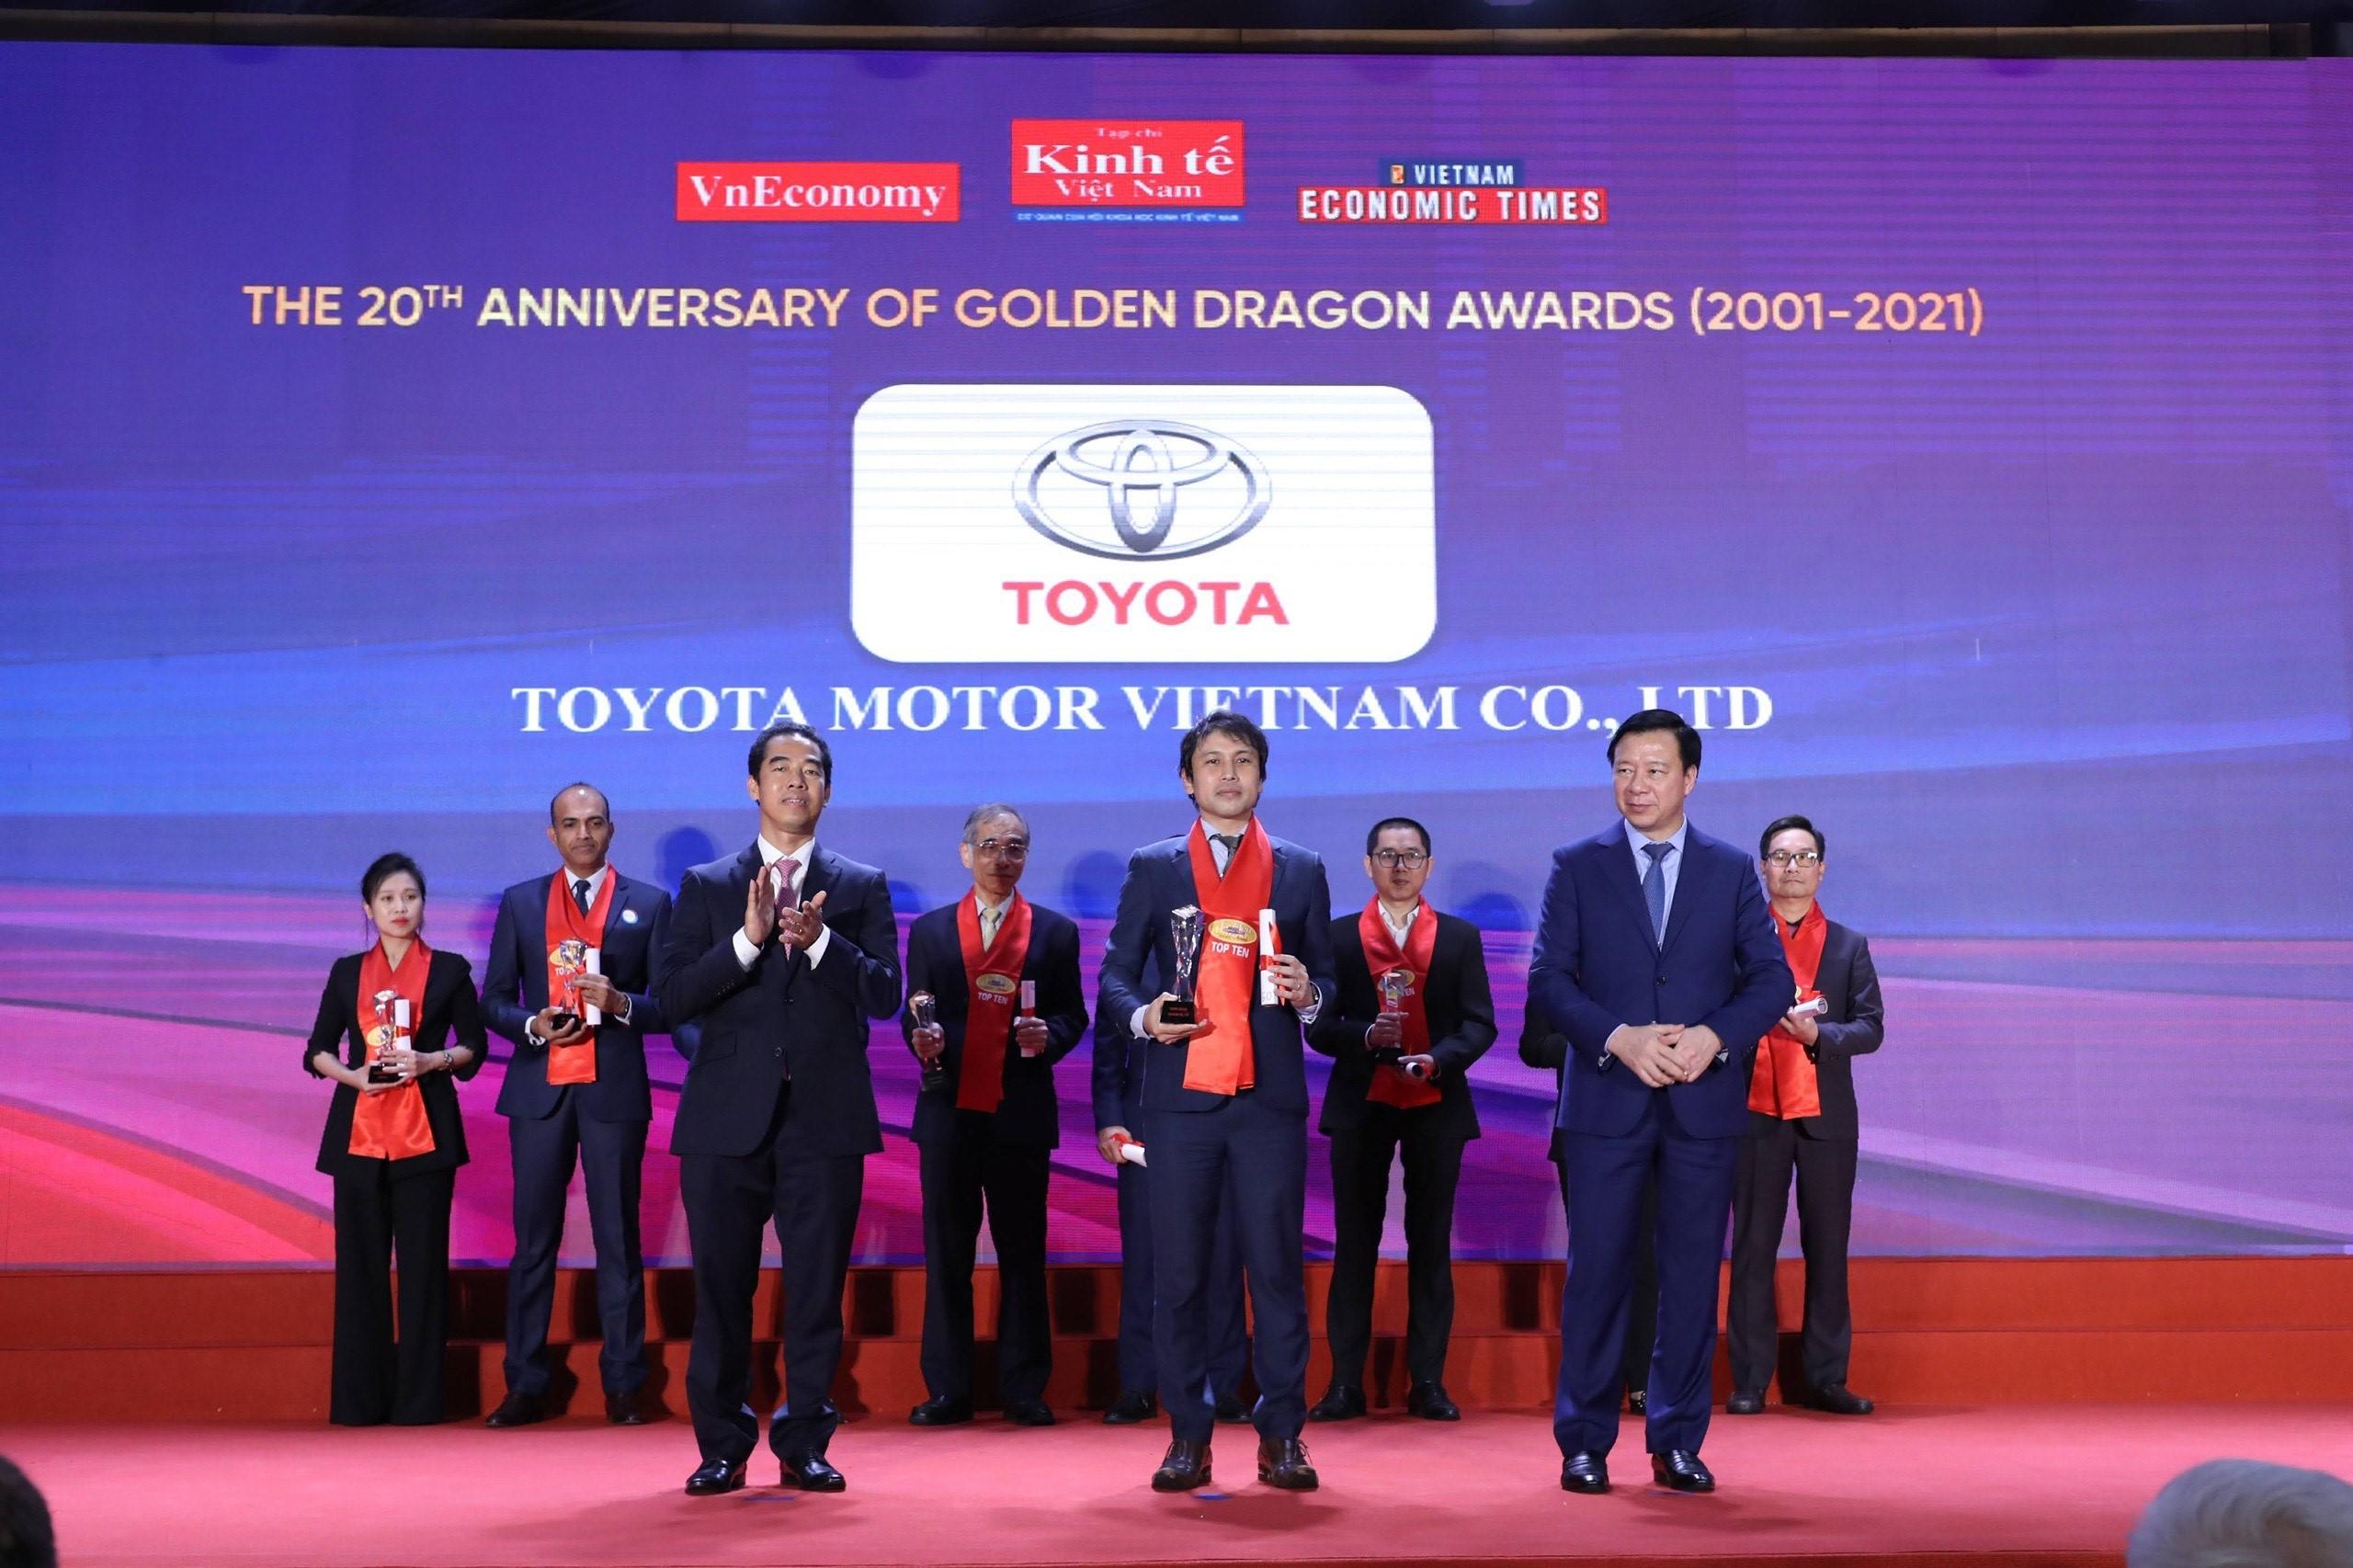 Toyota Việt Nam nhận Giải thưởng Rồng Vàng lần thứ 20 toyota-viet-nam-nhan-giai-thuong-rong-vang-2021-1.jpg